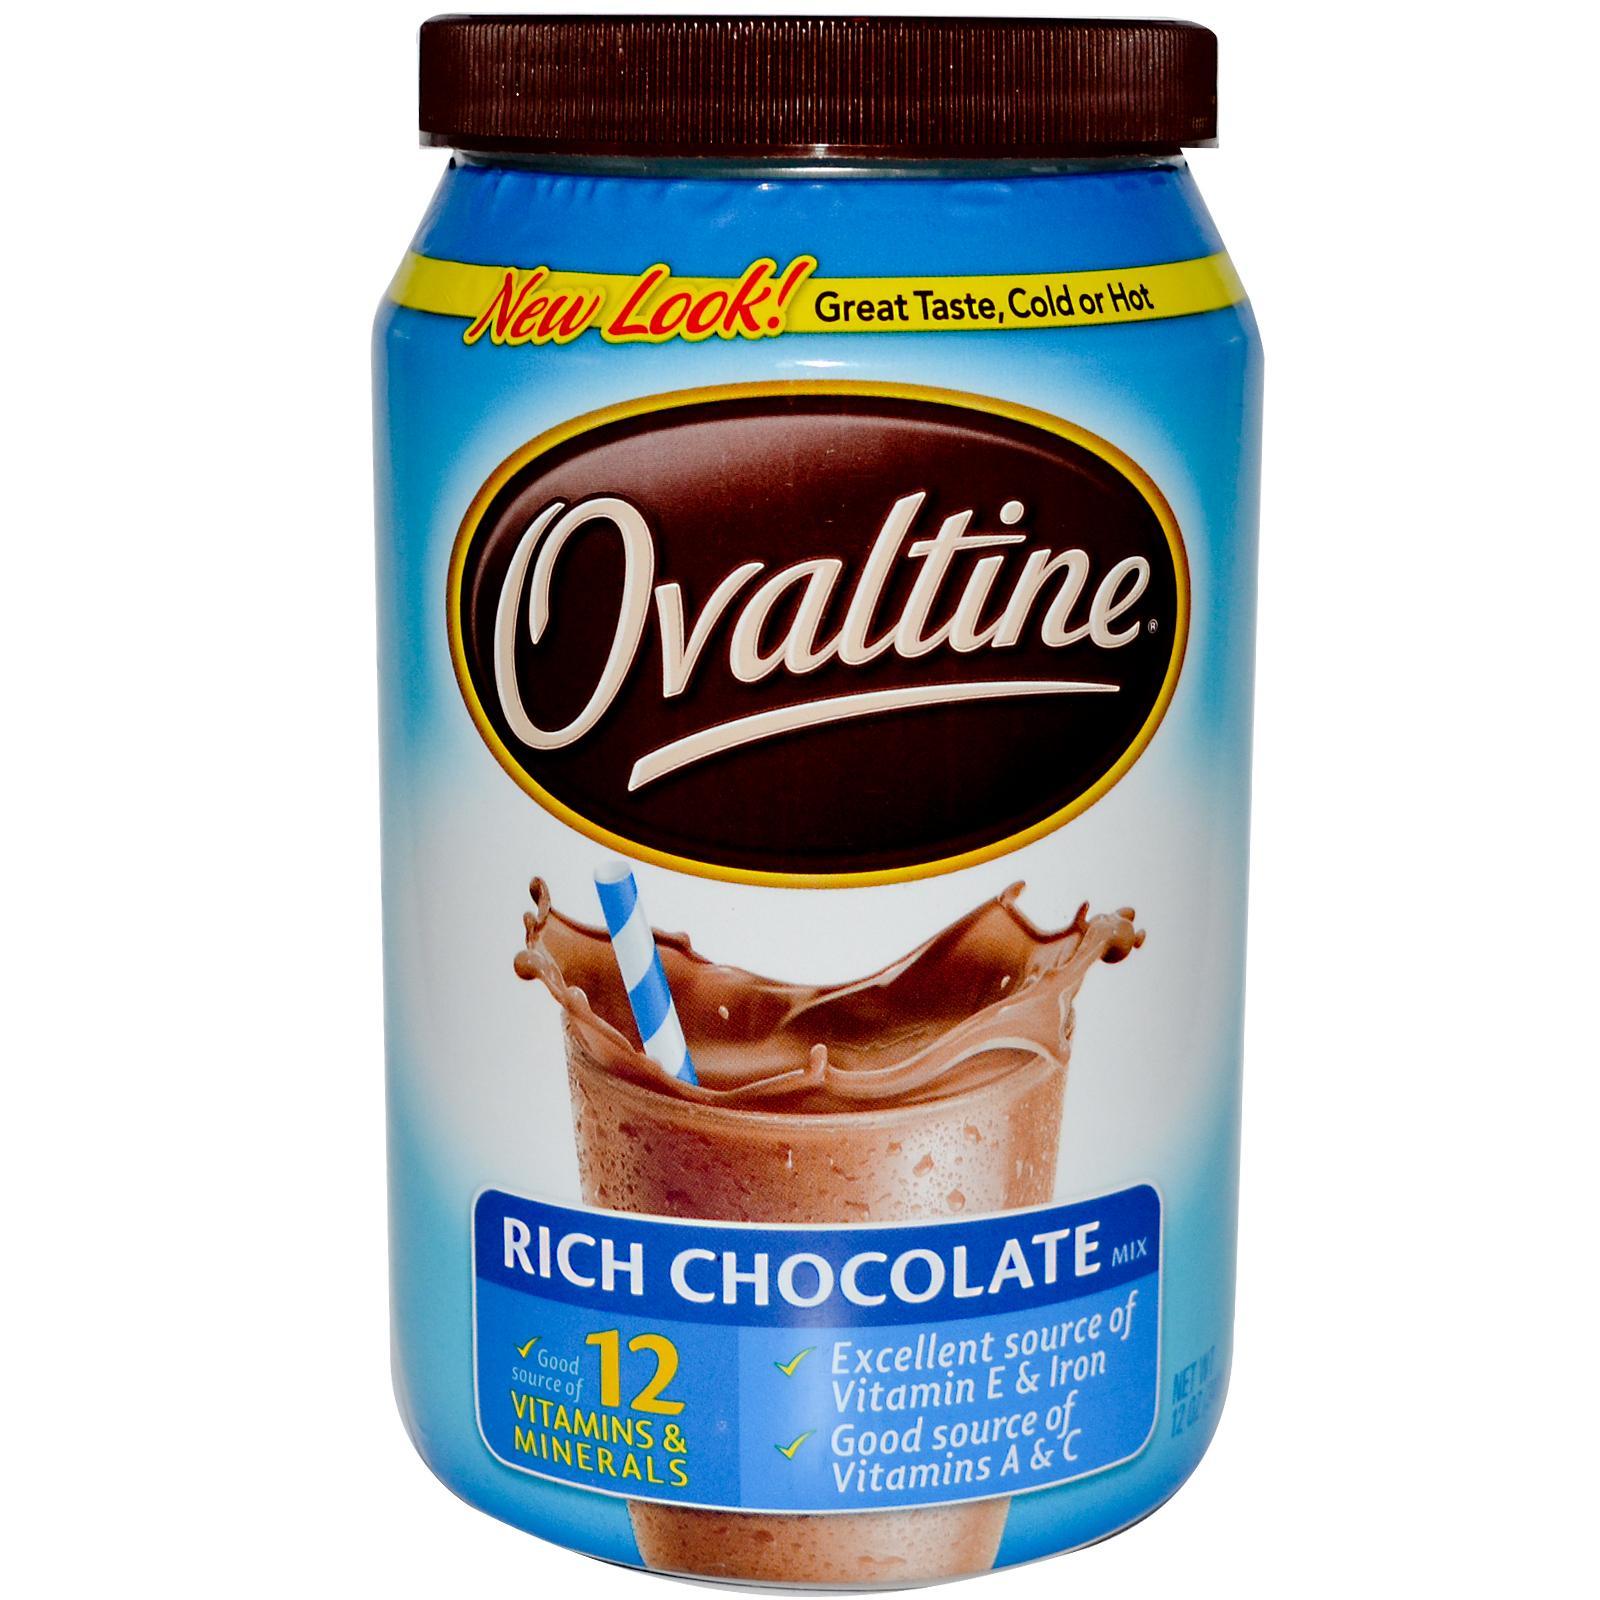 OVALTINE RICH CHOCOLATE - Boricua Produce